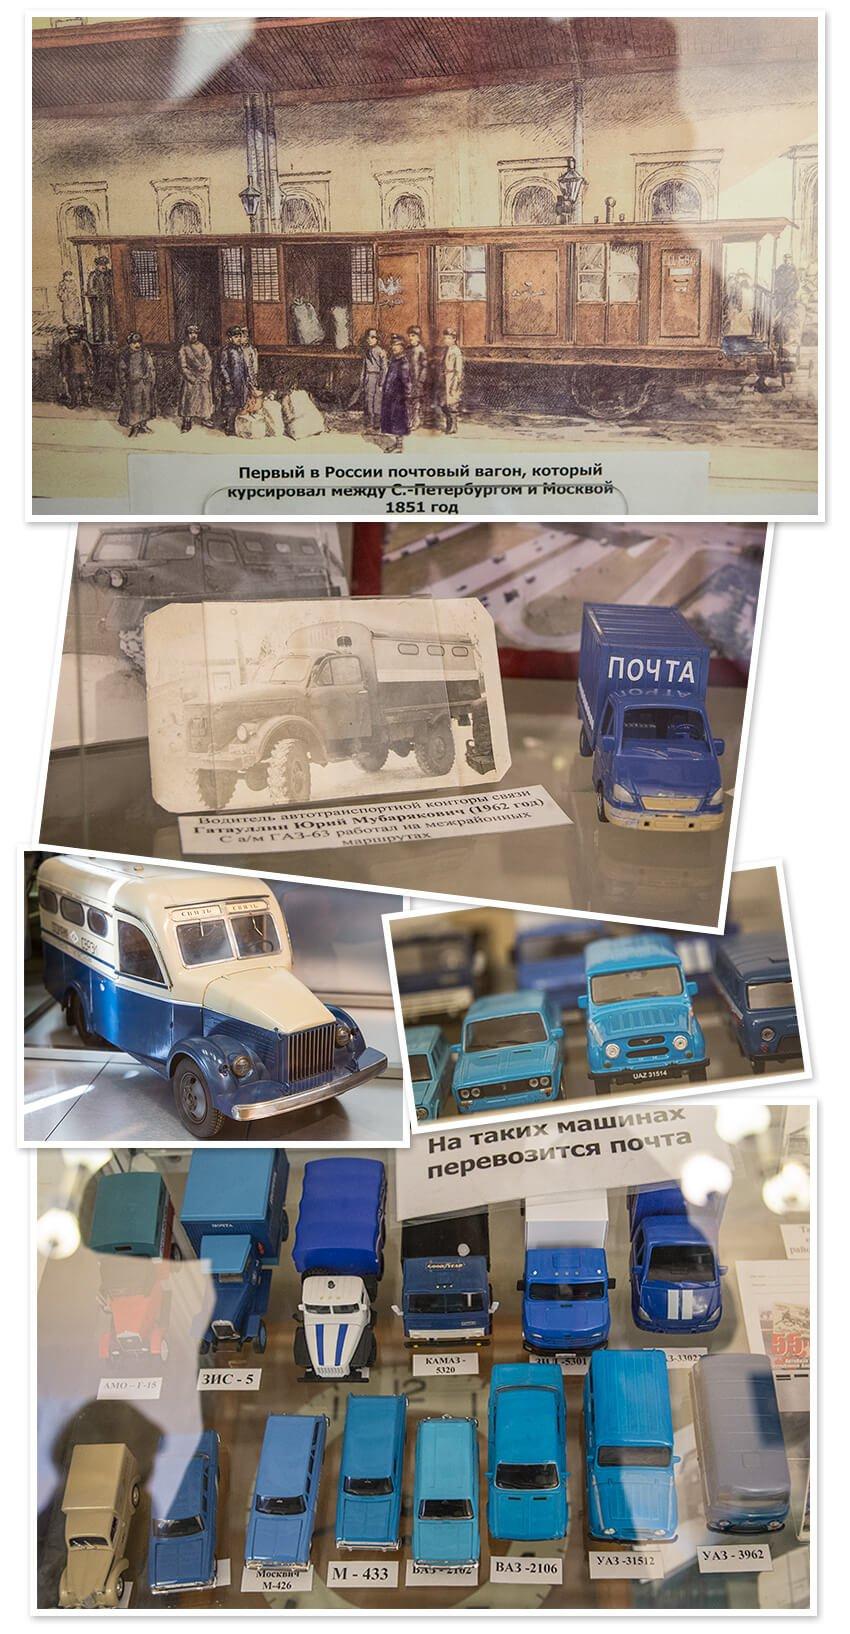 Моделирование русских почтовых элементов